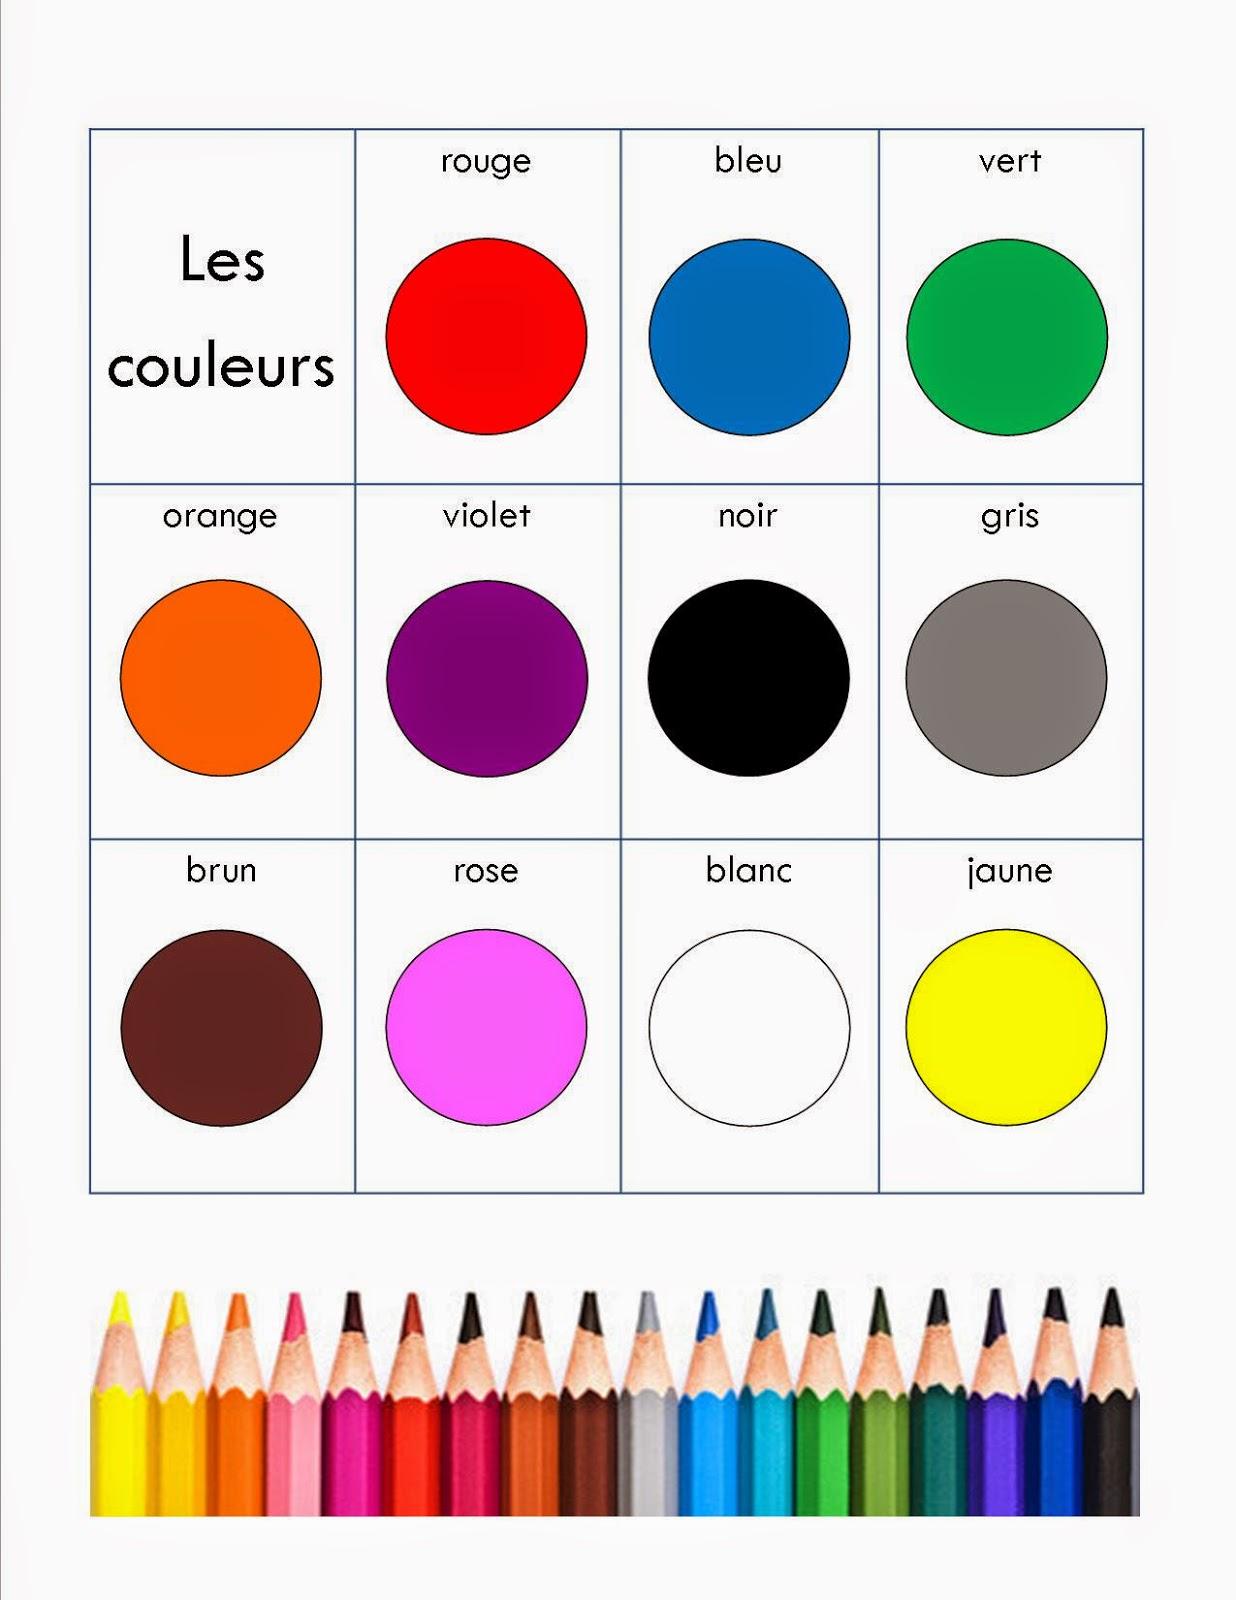 le blogue pr scolaire de georges p vanier je pratique apprendre mes couleurs. Black Bedroom Furniture Sets. Home Design Ideas